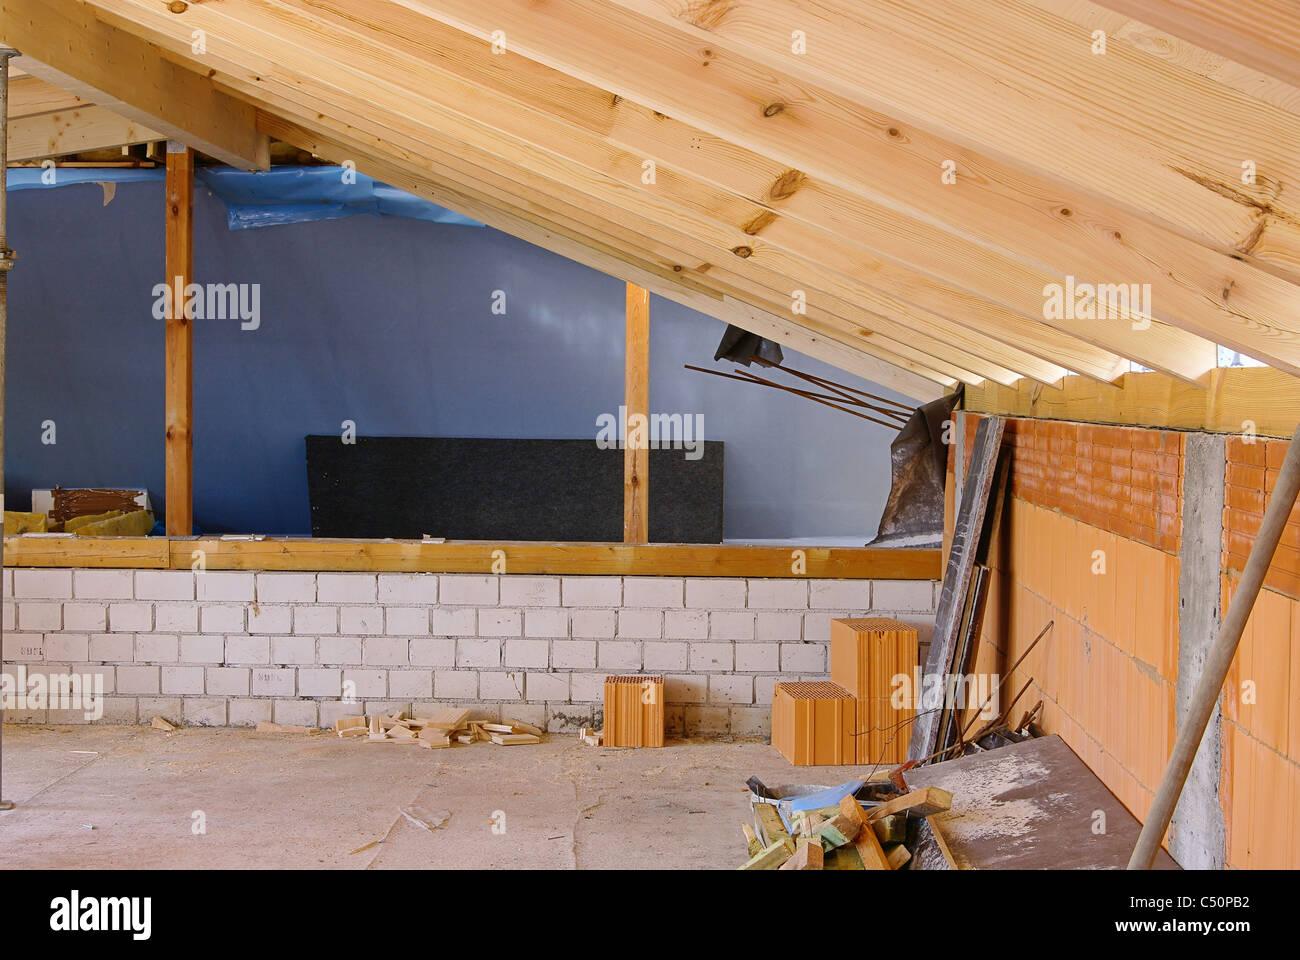 Dachstuhl ausbauen swalif - Dachstuhl ausbauen ...